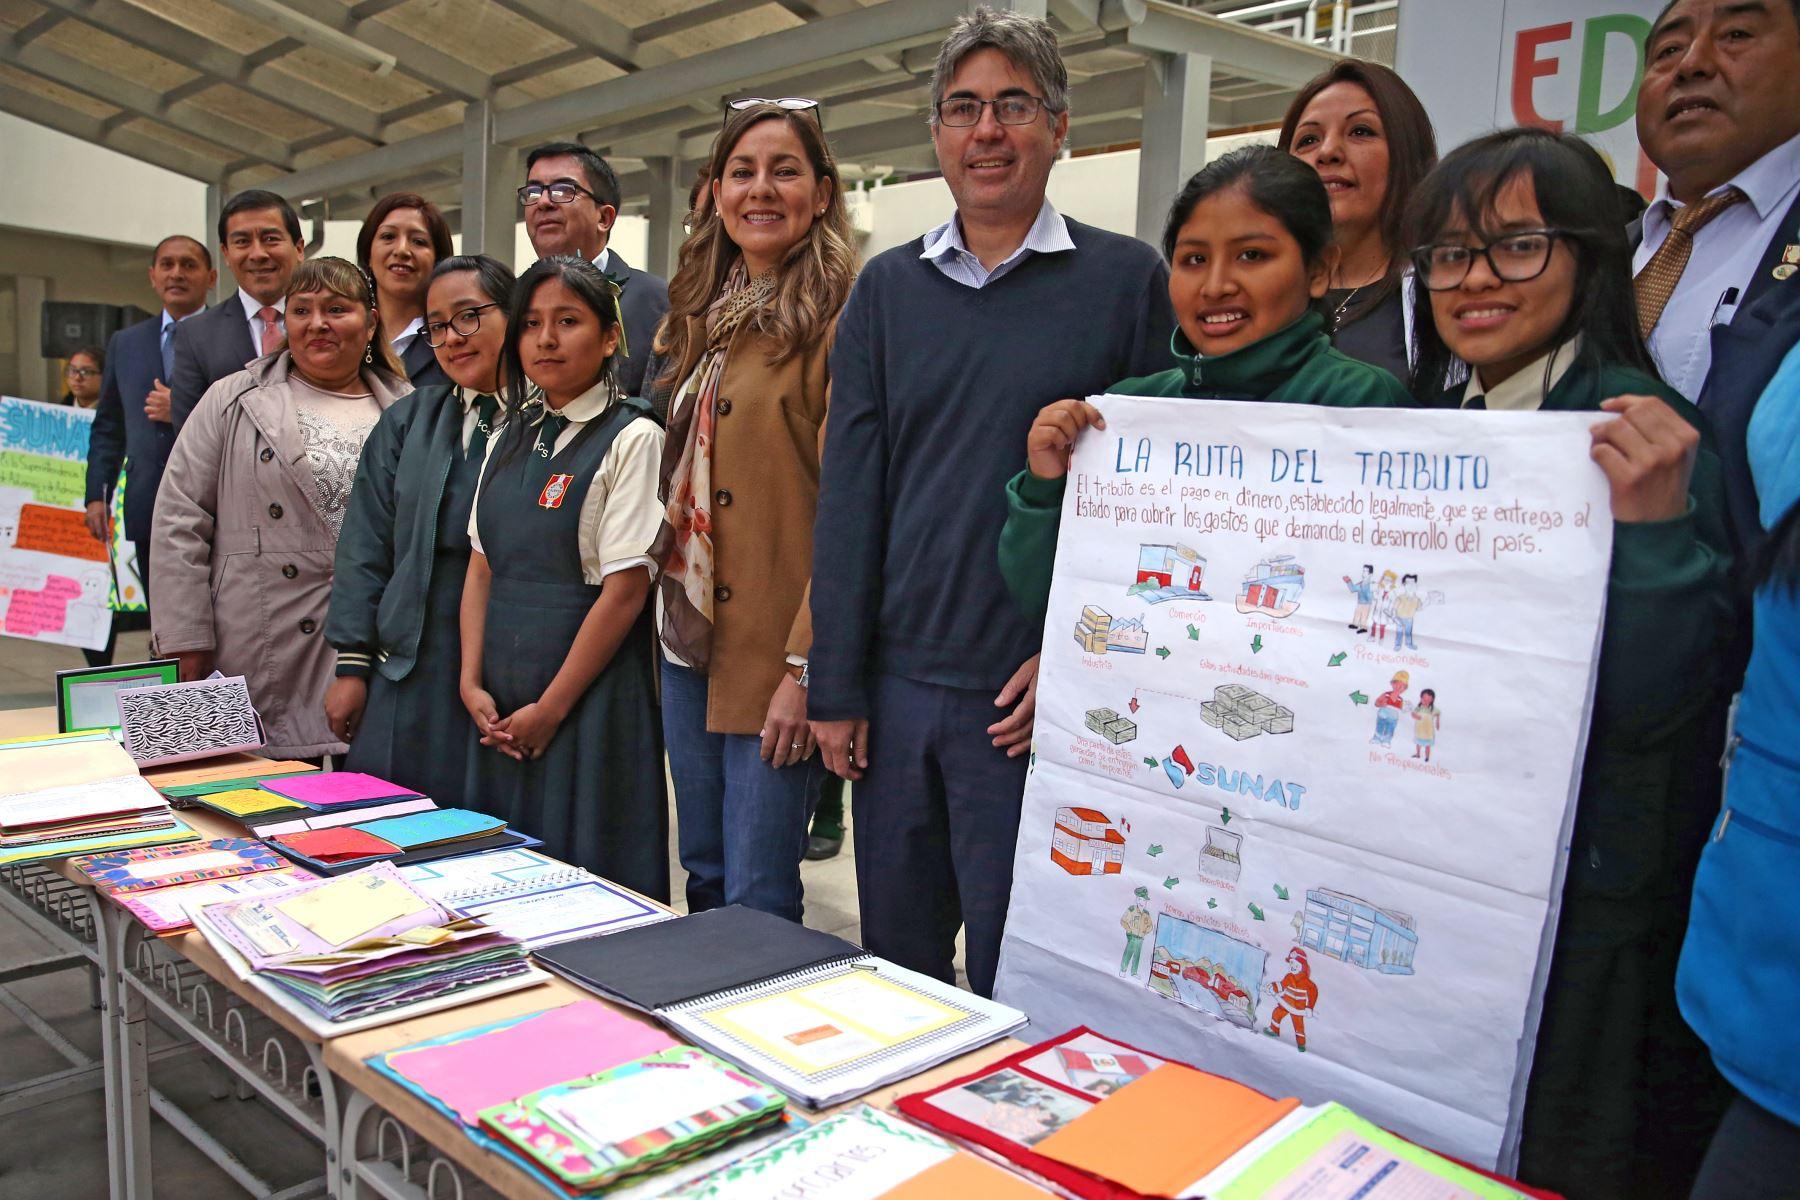 Claudia Suárez, jefa de la Sunat promueve en mas de 175 mil escolares la importancia del pago de impuesto. Foto: ANDINA/Vidal Tarqui